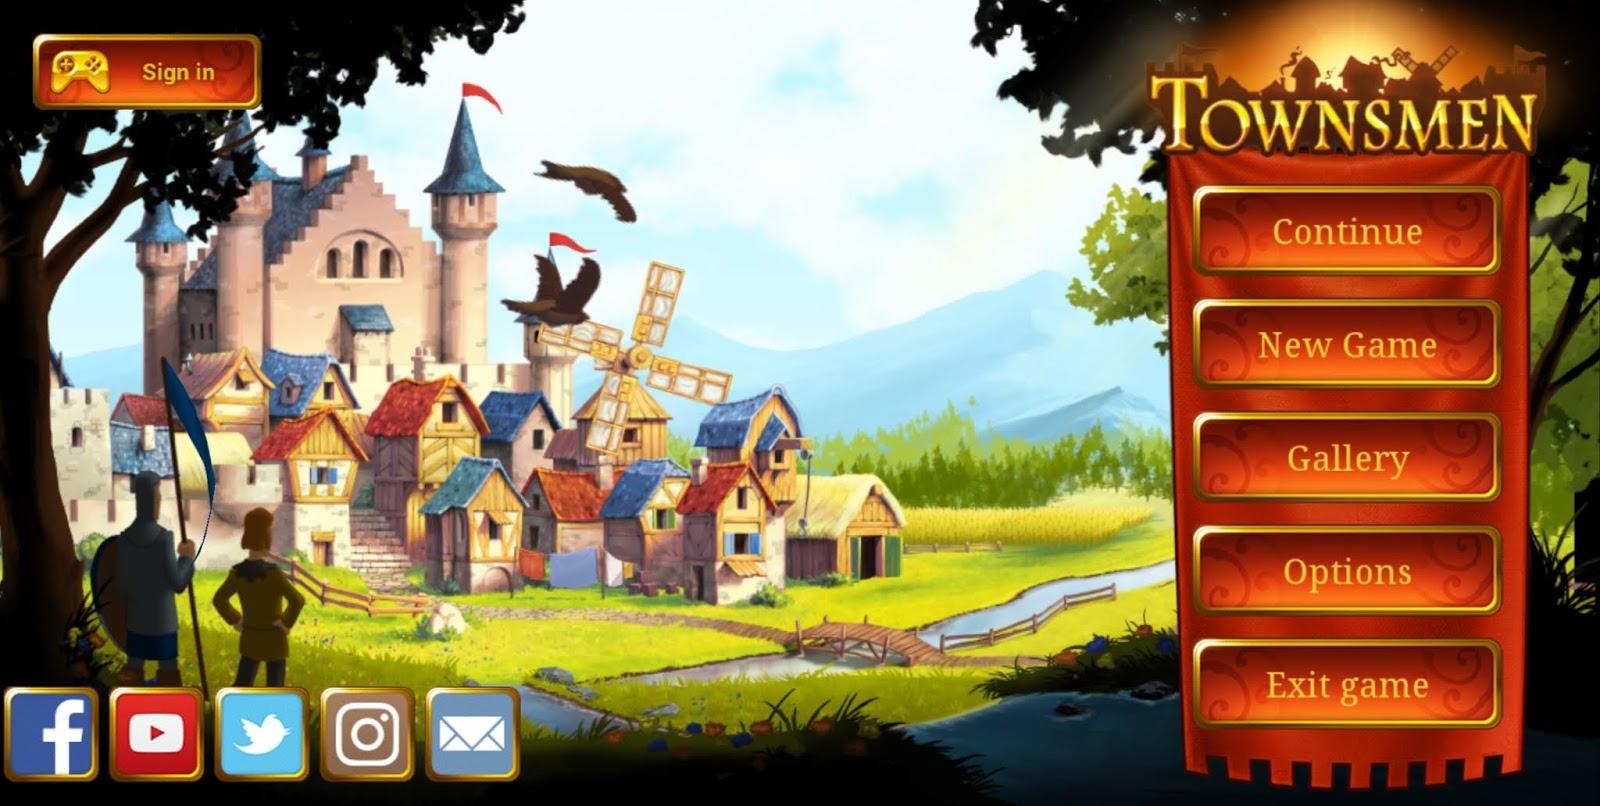 Townsmen Premium Mod Apk Version 1 14 0 Unlimited Money